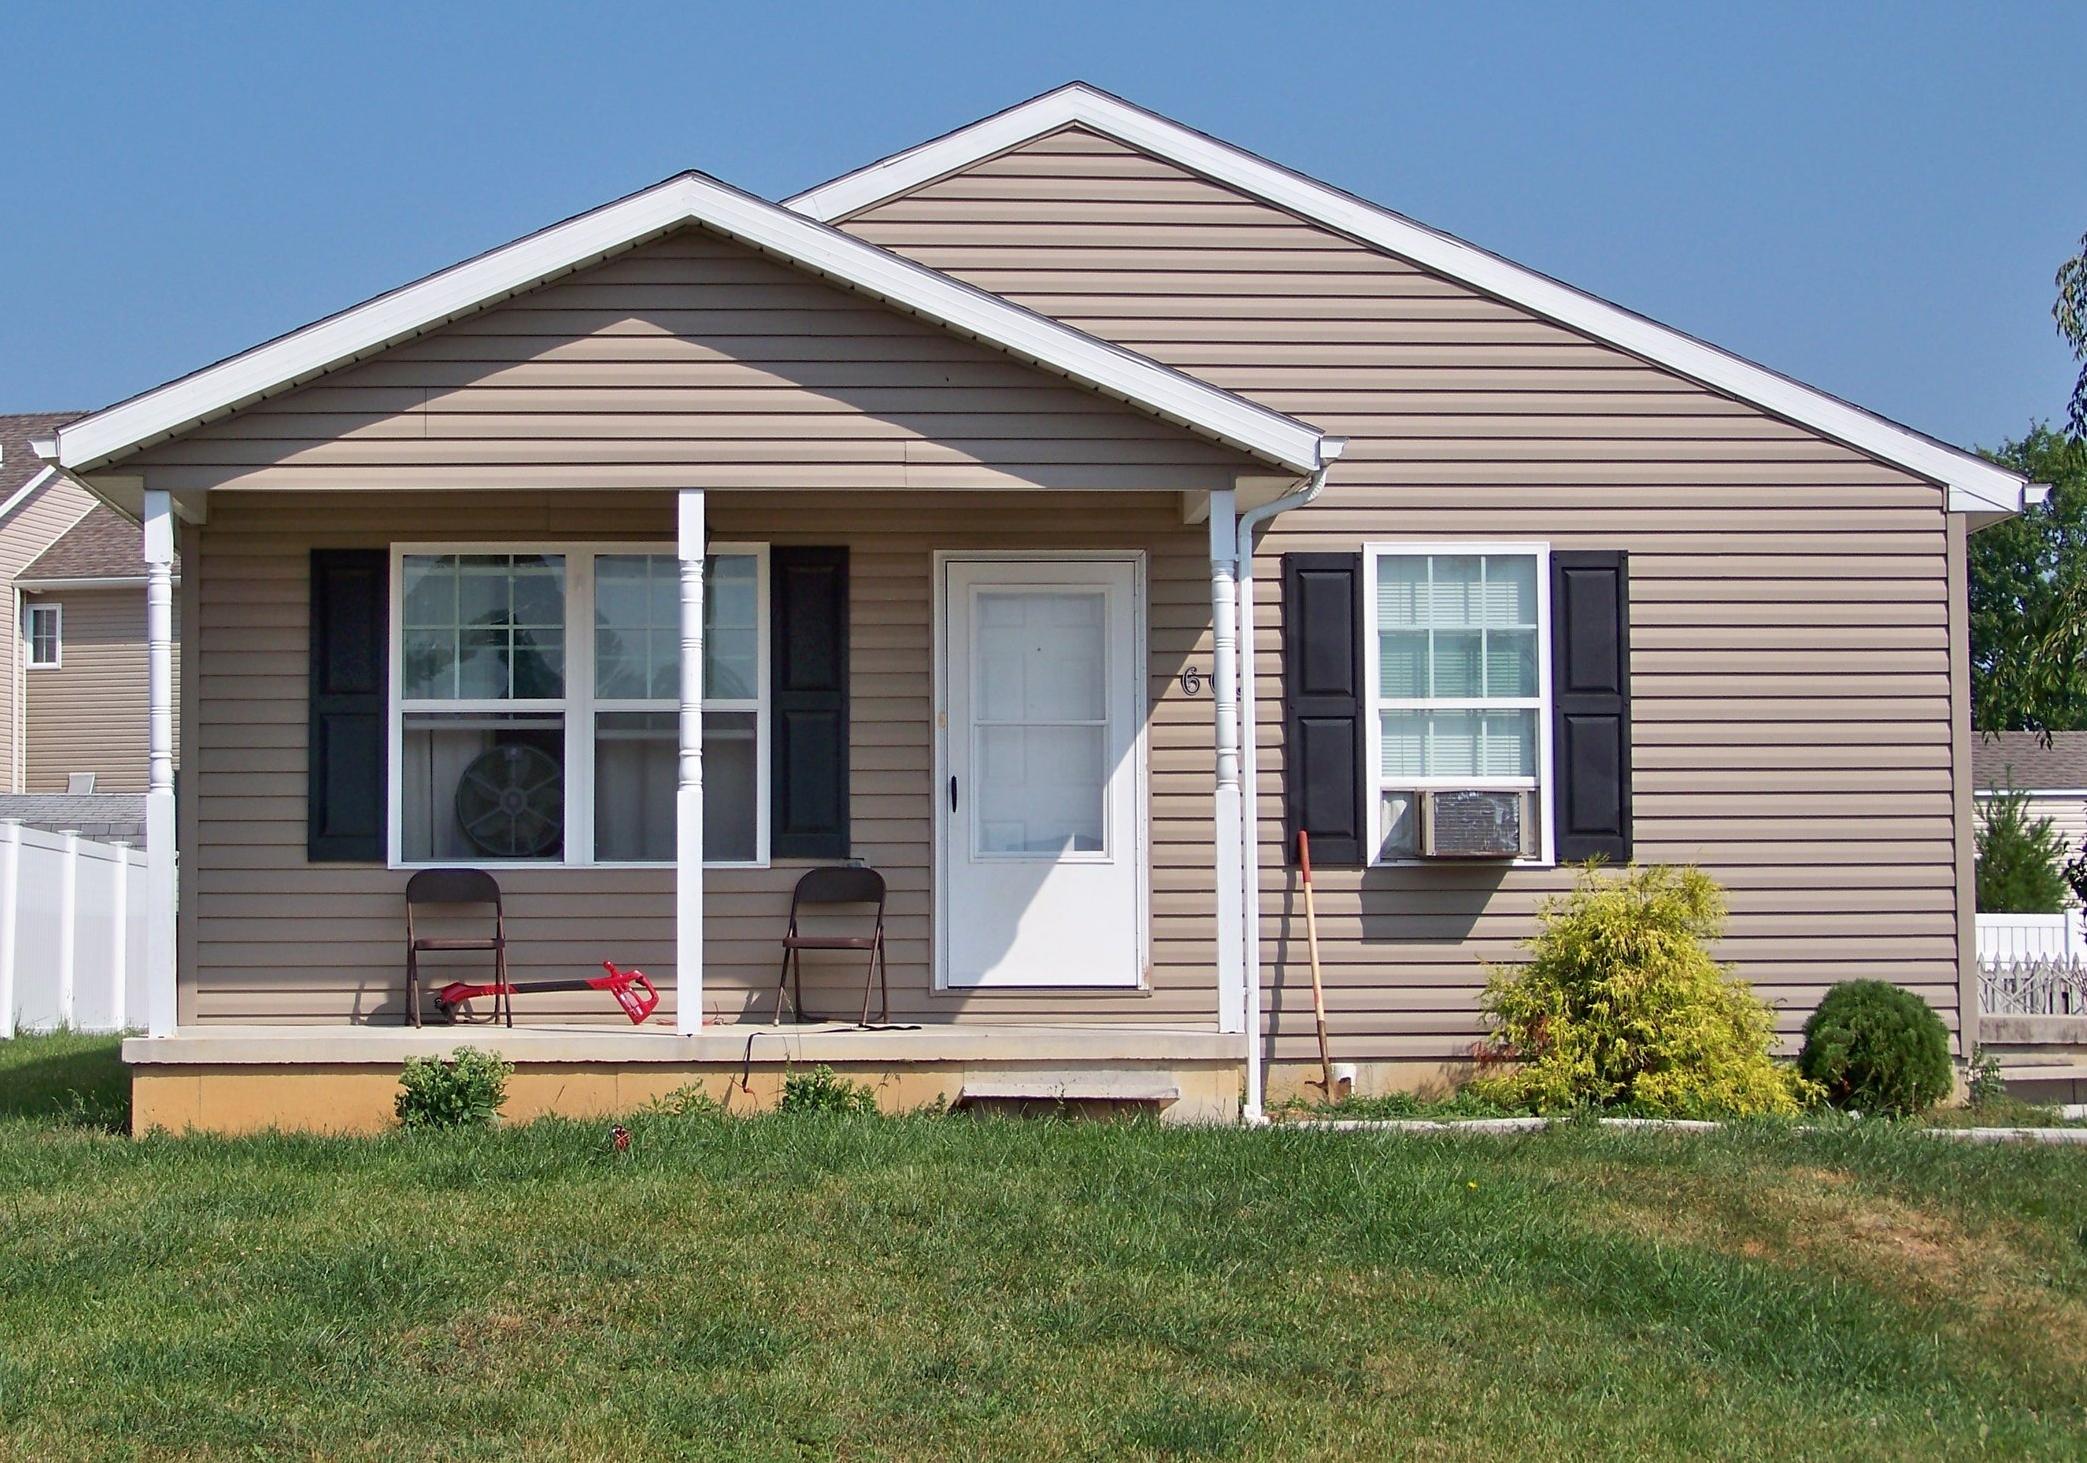 A decent, affordable Habitat home.